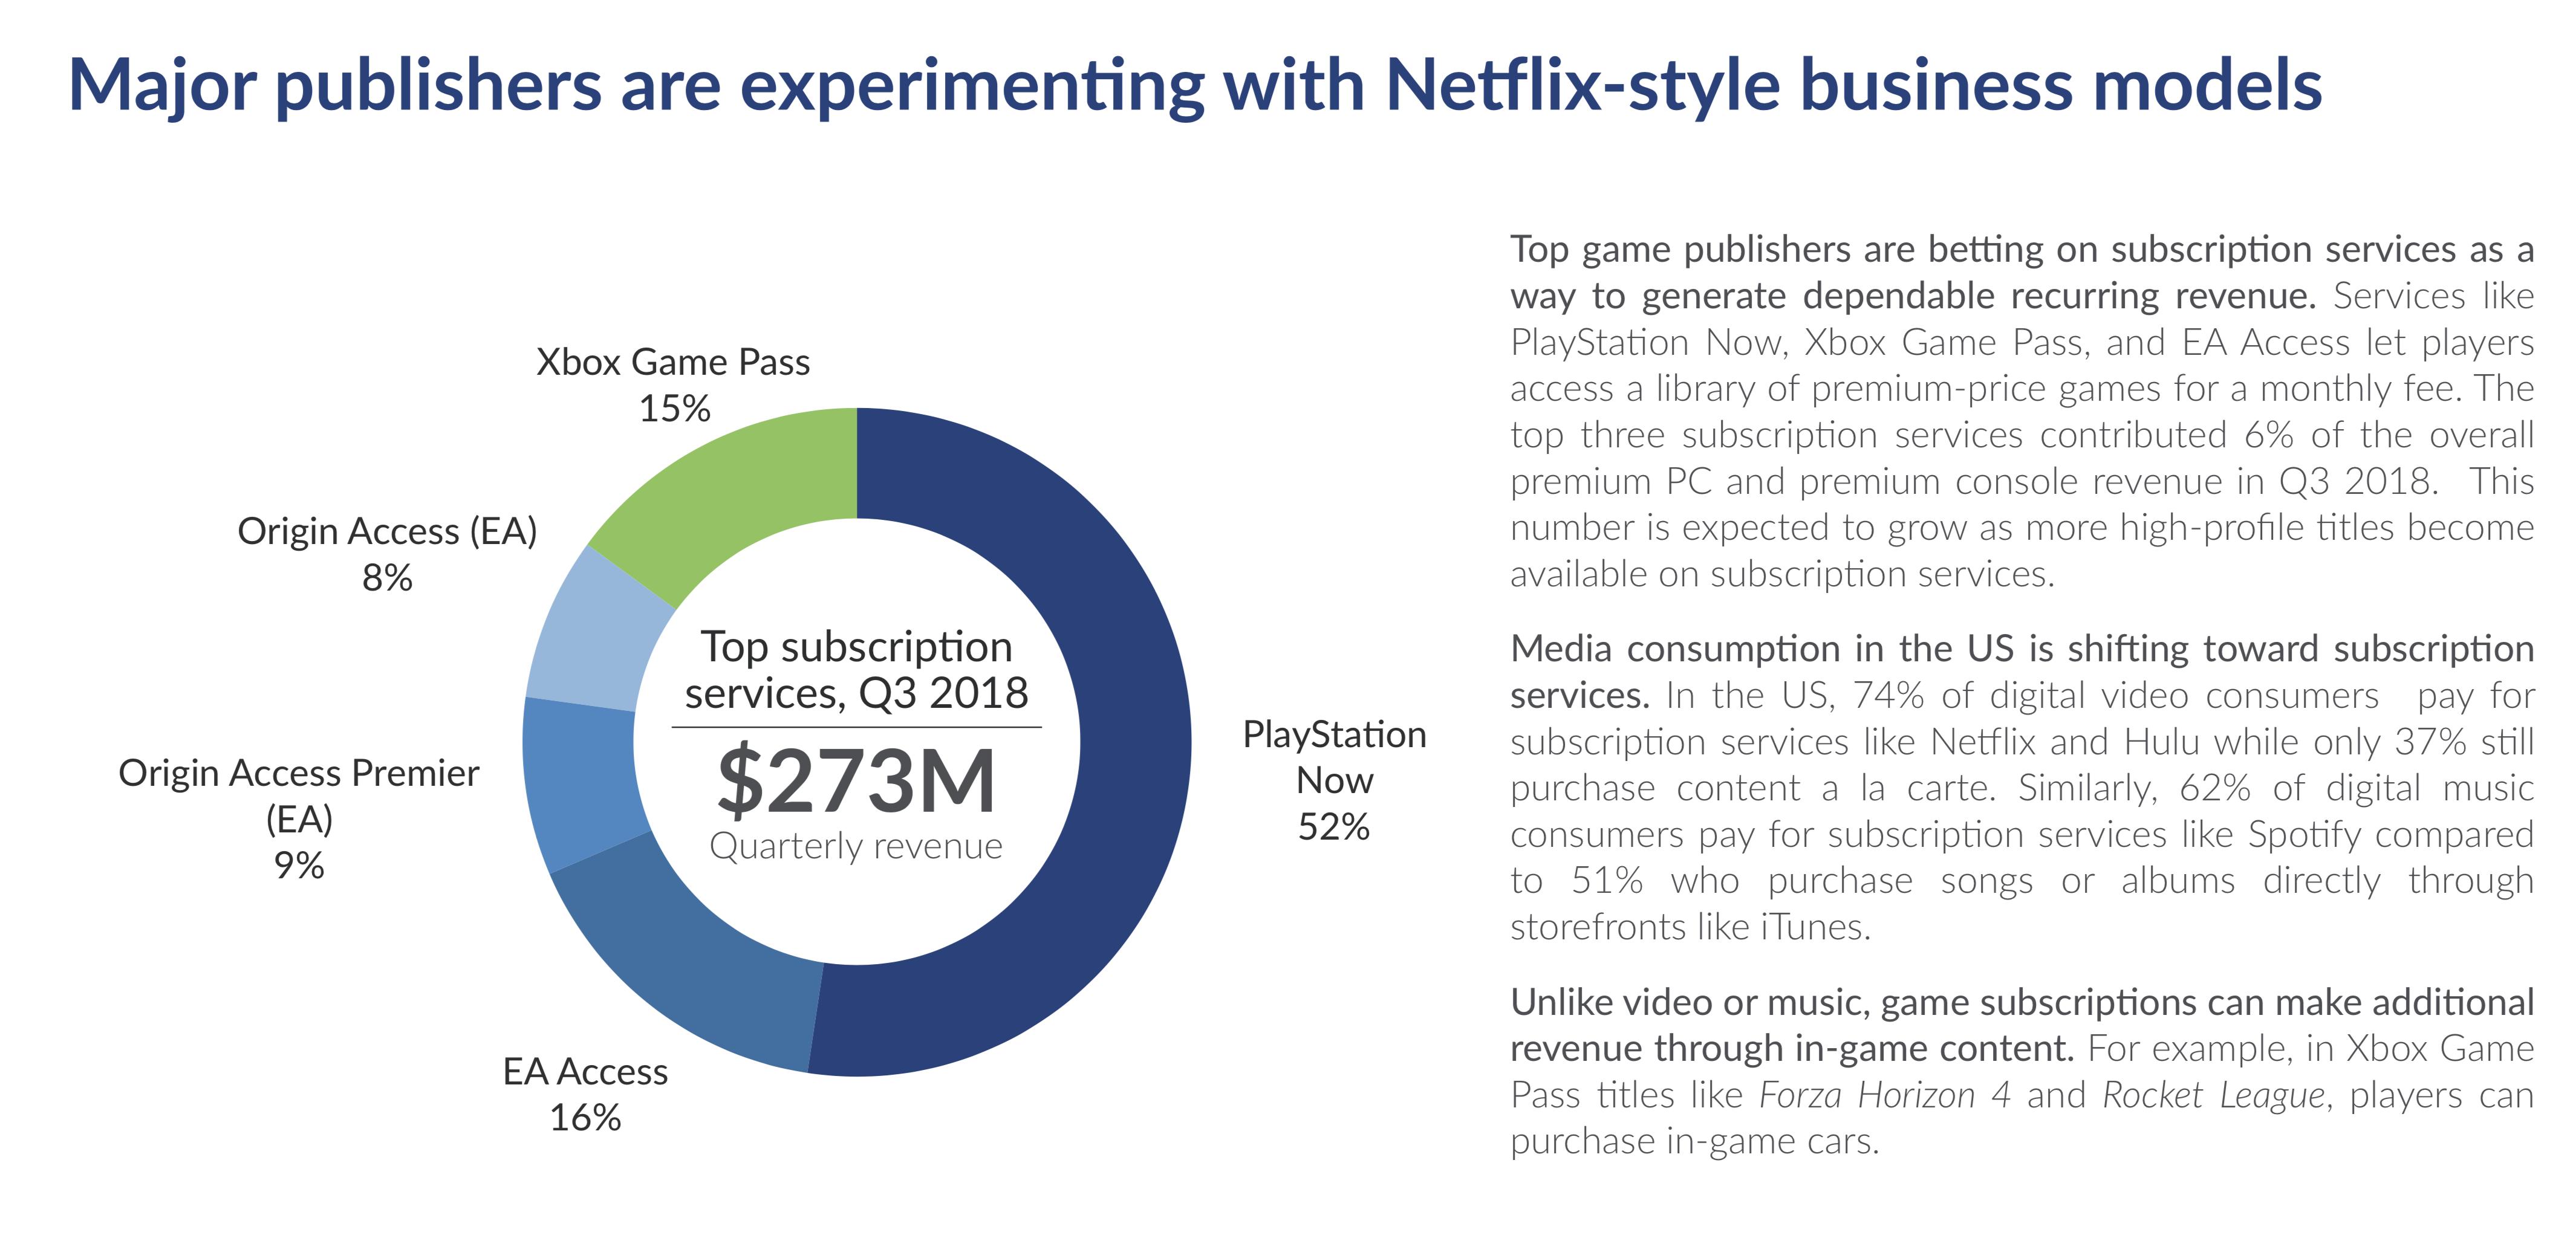 闷声发大财!调查显示PS Now是美国最赚钱的游戏订阅服务